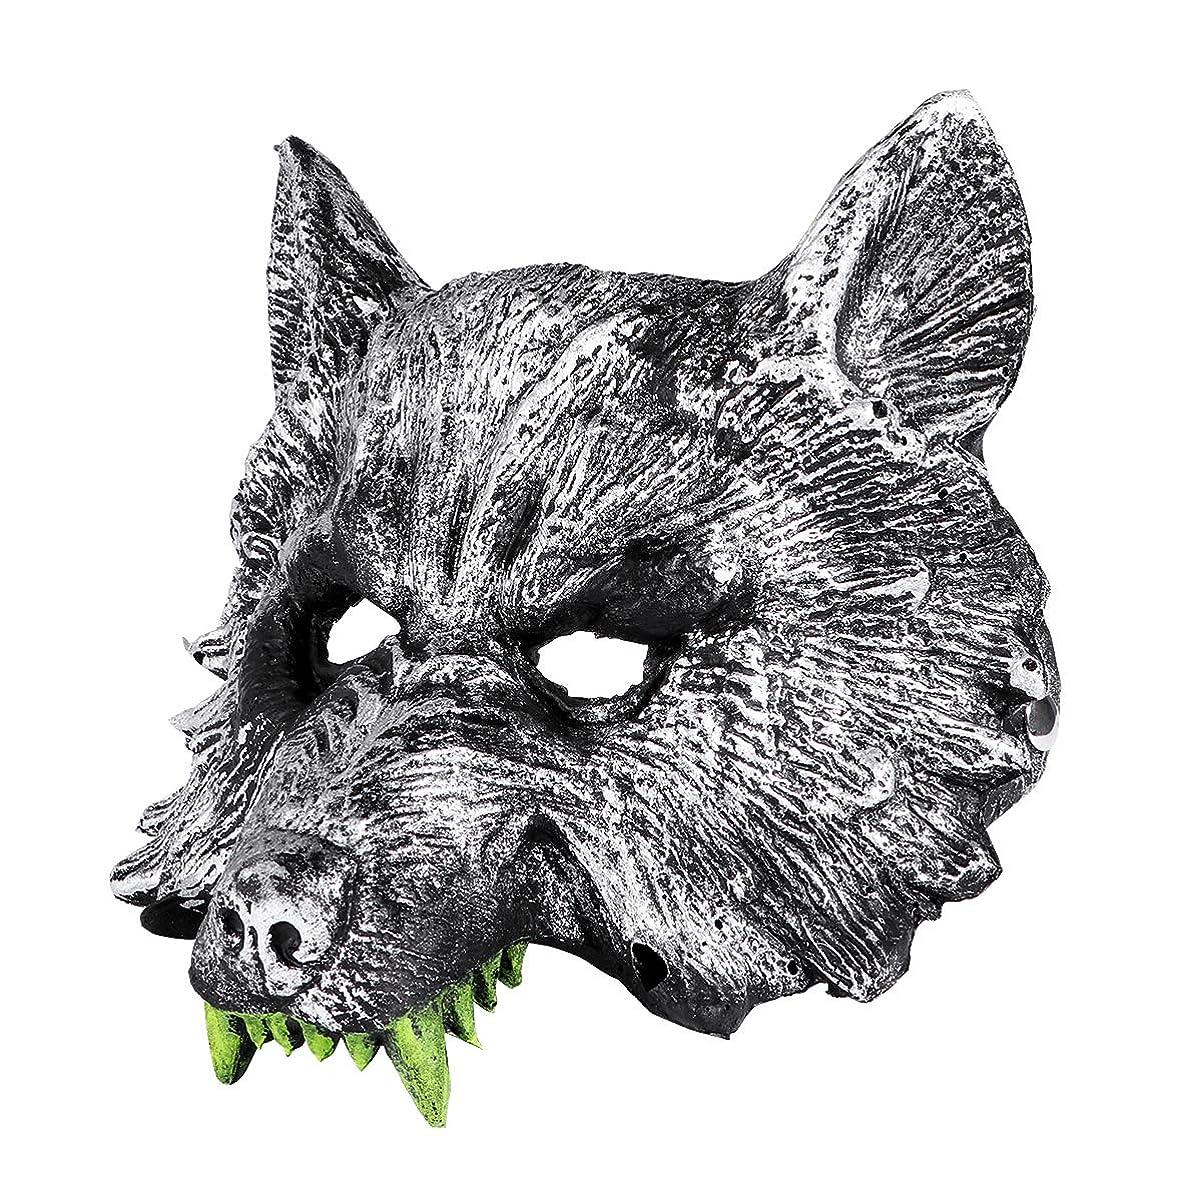 統計財布スラックコスプレハロウィーン仮装のためのNUOLUX灰色オオカミヘッドマスクファンシードレスパーティー小道具